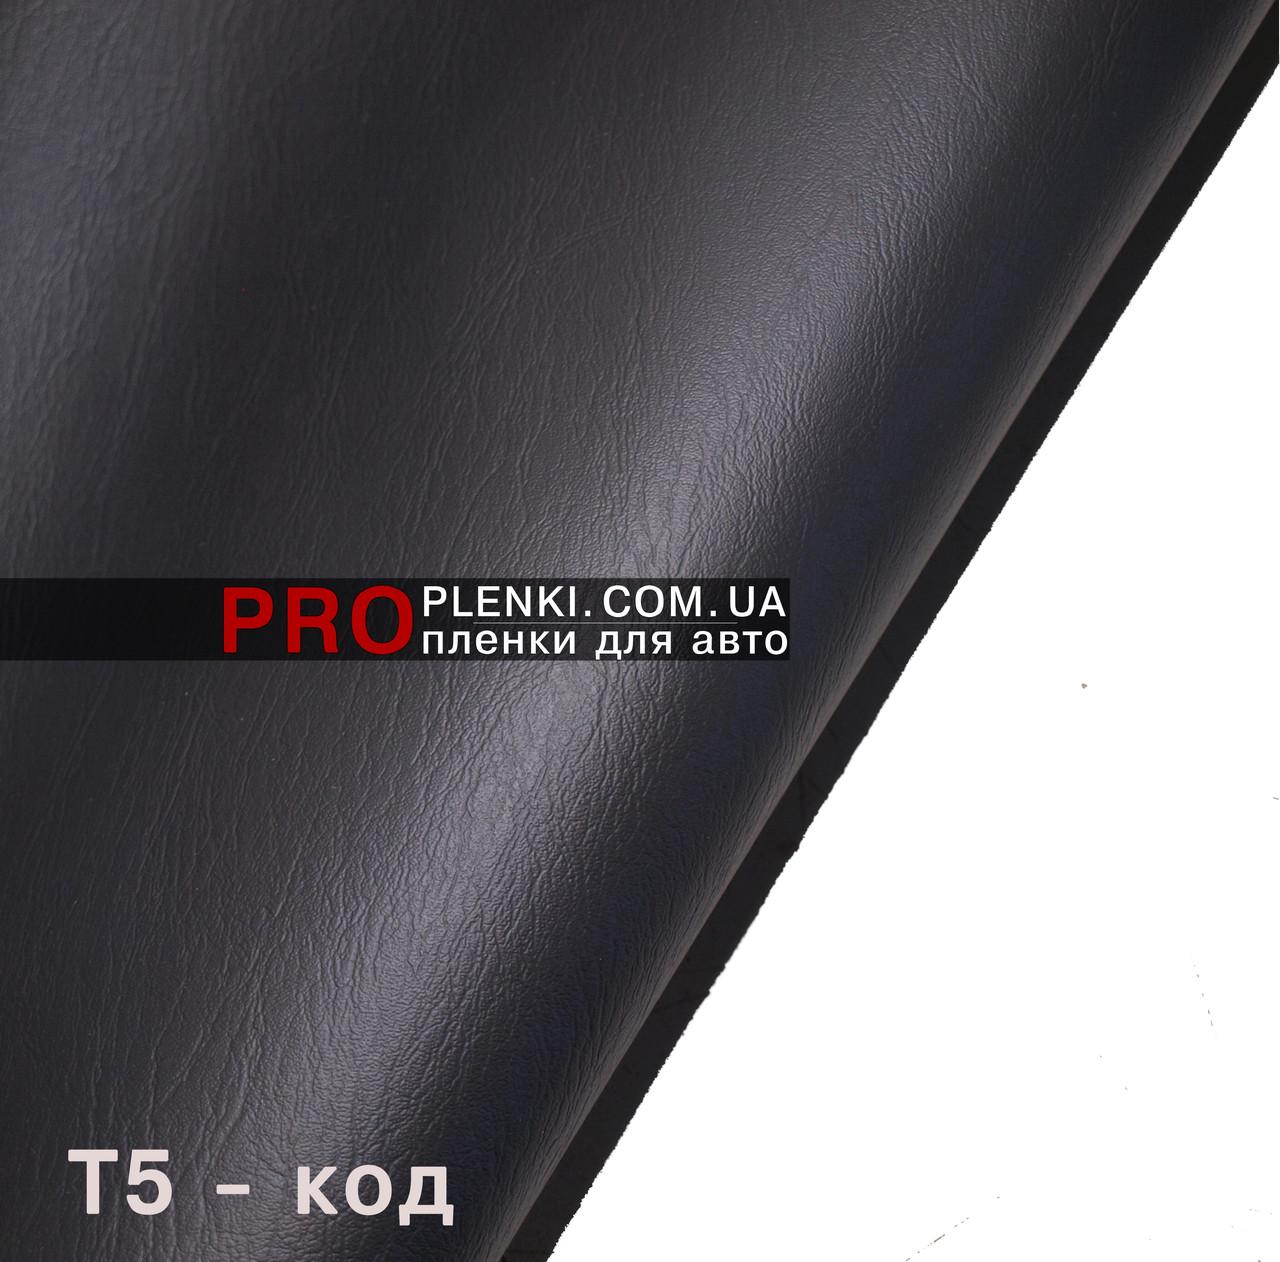 Серый HORN для перетяжки торпеды, дверных карт (ширина 140 см)